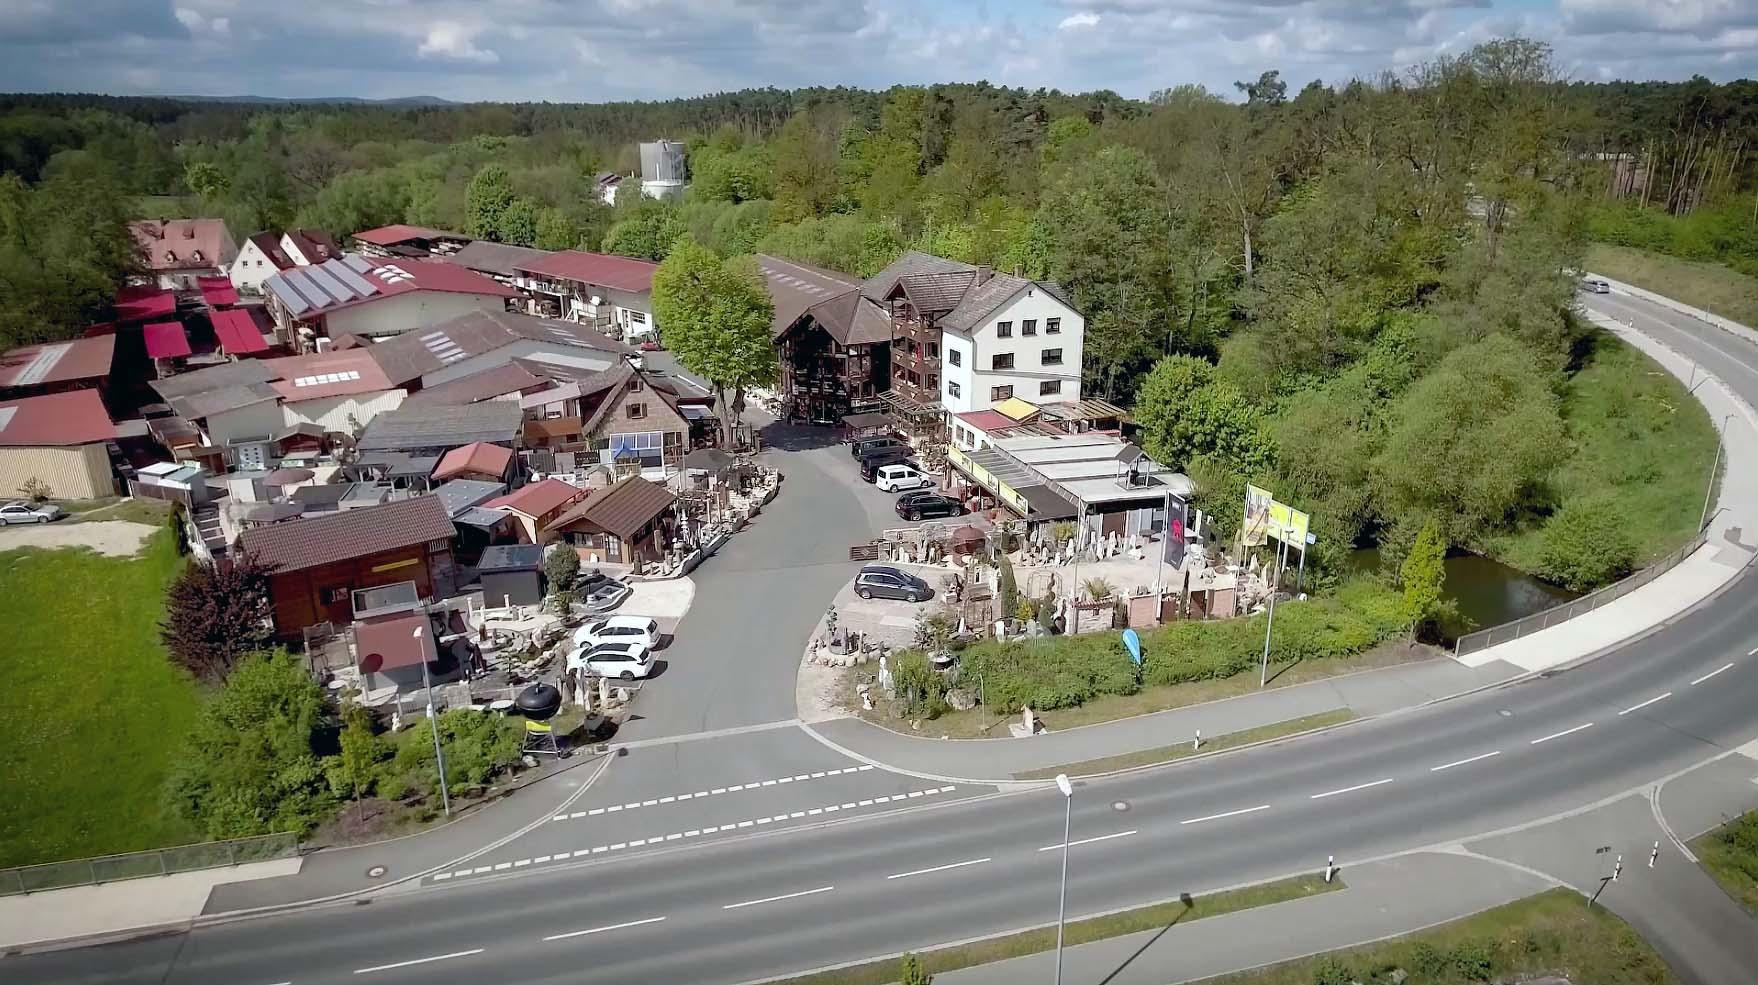 Grillen Grillgerate Grillkurse Terrassen Zaun Parkett